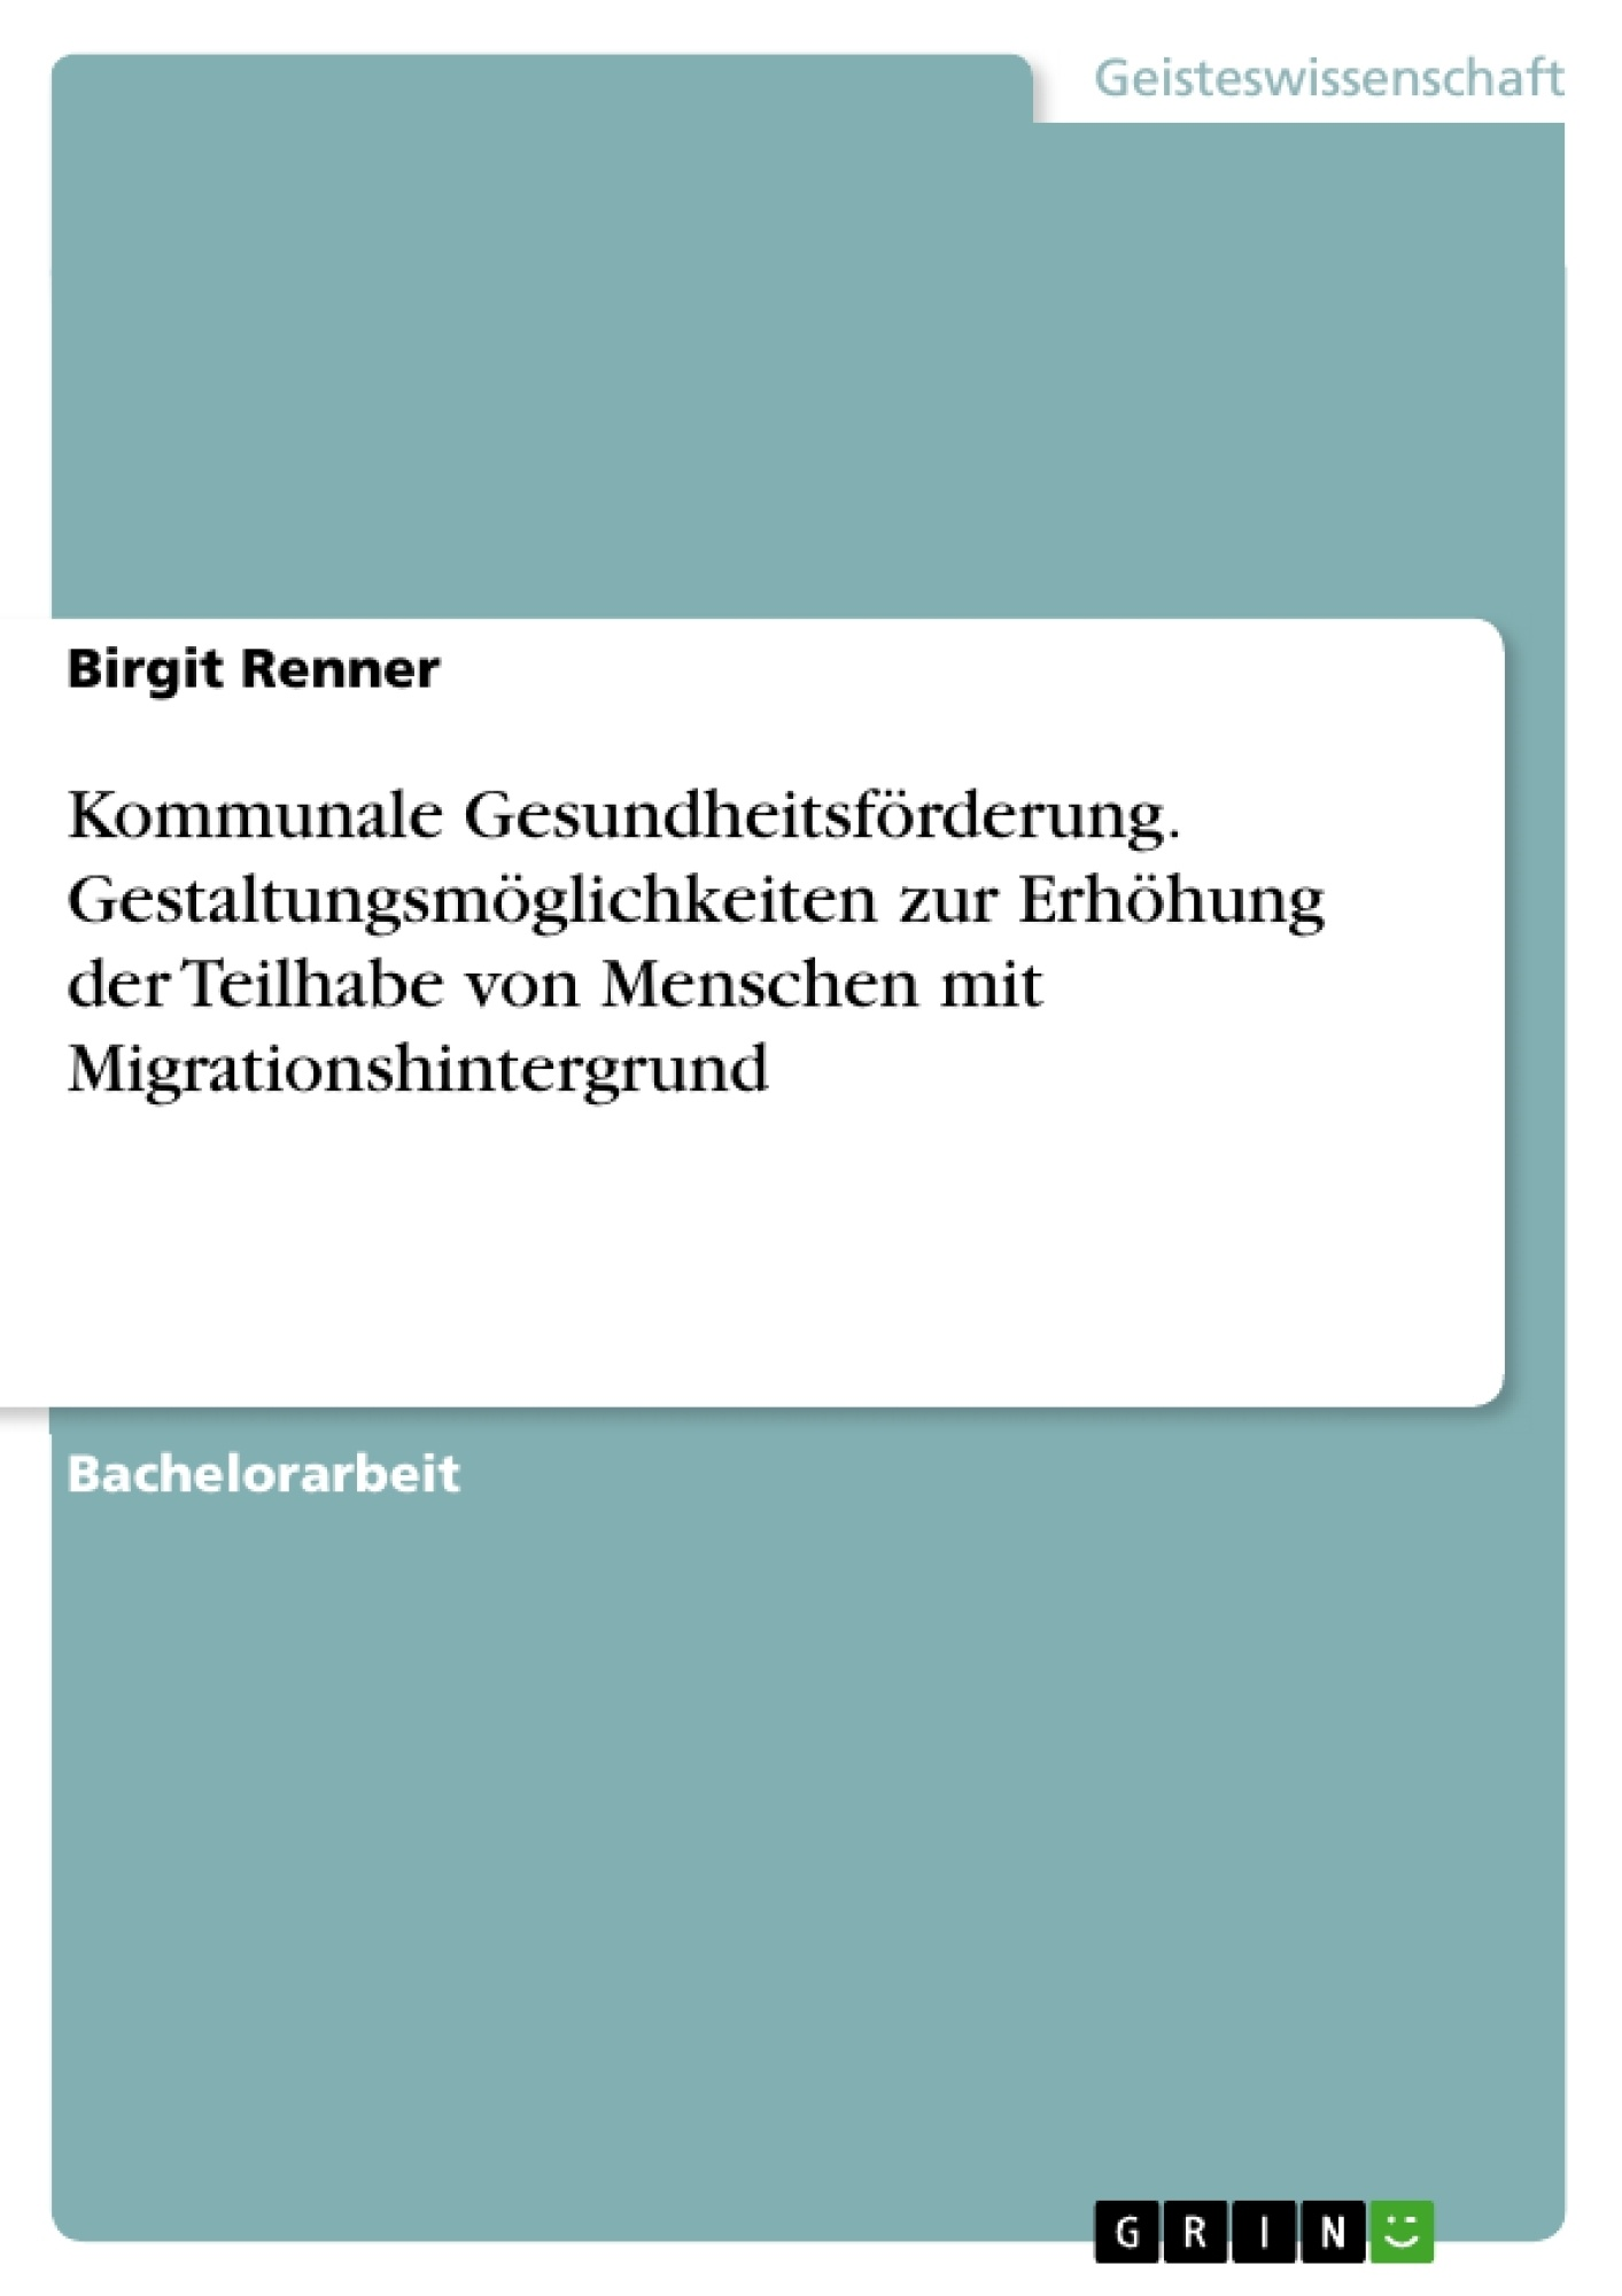 Titel: Kommunale Gesundheitsförderung. Gestaltungsmöglichkeiten zur Erhöhung der Teilhabe von Menschen mit Migrationshintergrund